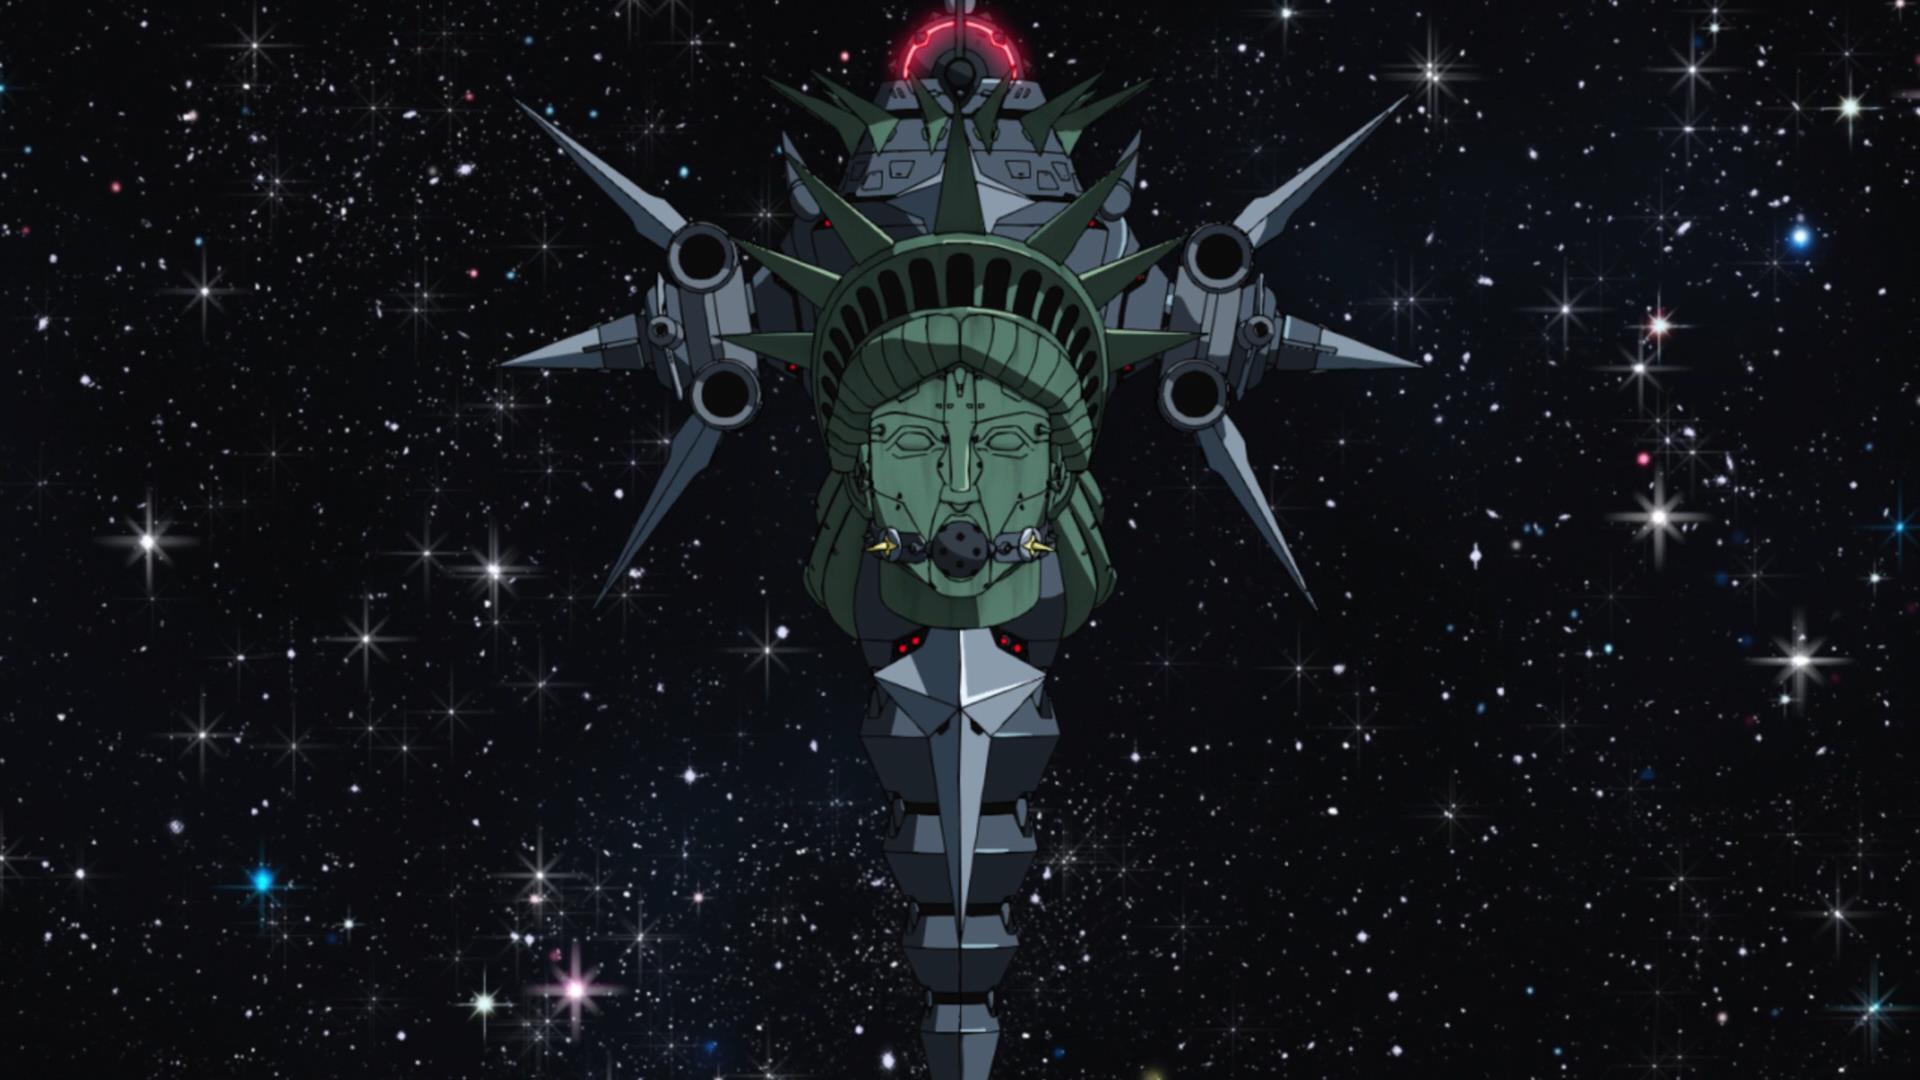 Космический корабль с мордой статуи свободы у которой БДСМ кляп во рту! - Изображение 1